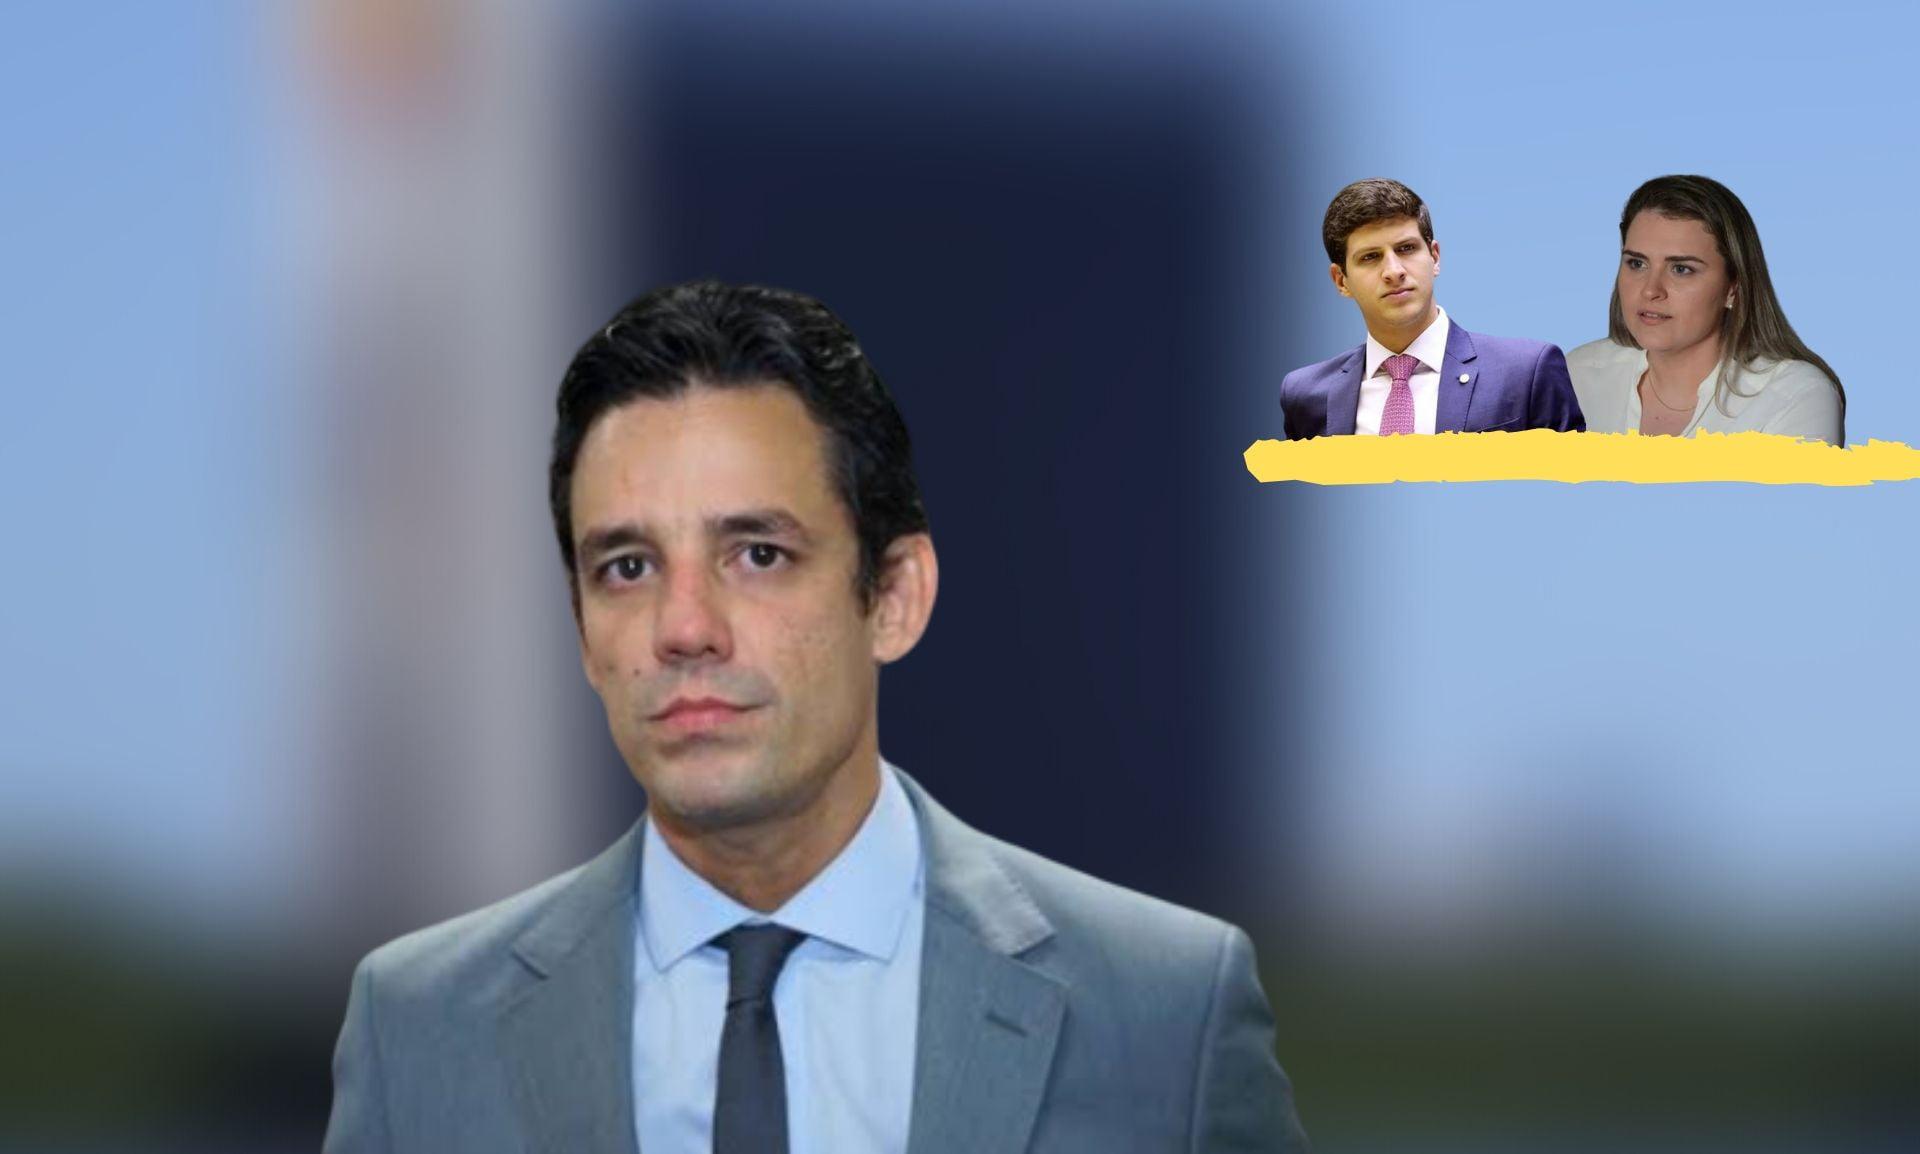 """Daniel Coelho diz que o Recife não aceita """"uma dinastia do PSB"""" e um """"segundo turno de dois primos"""""""